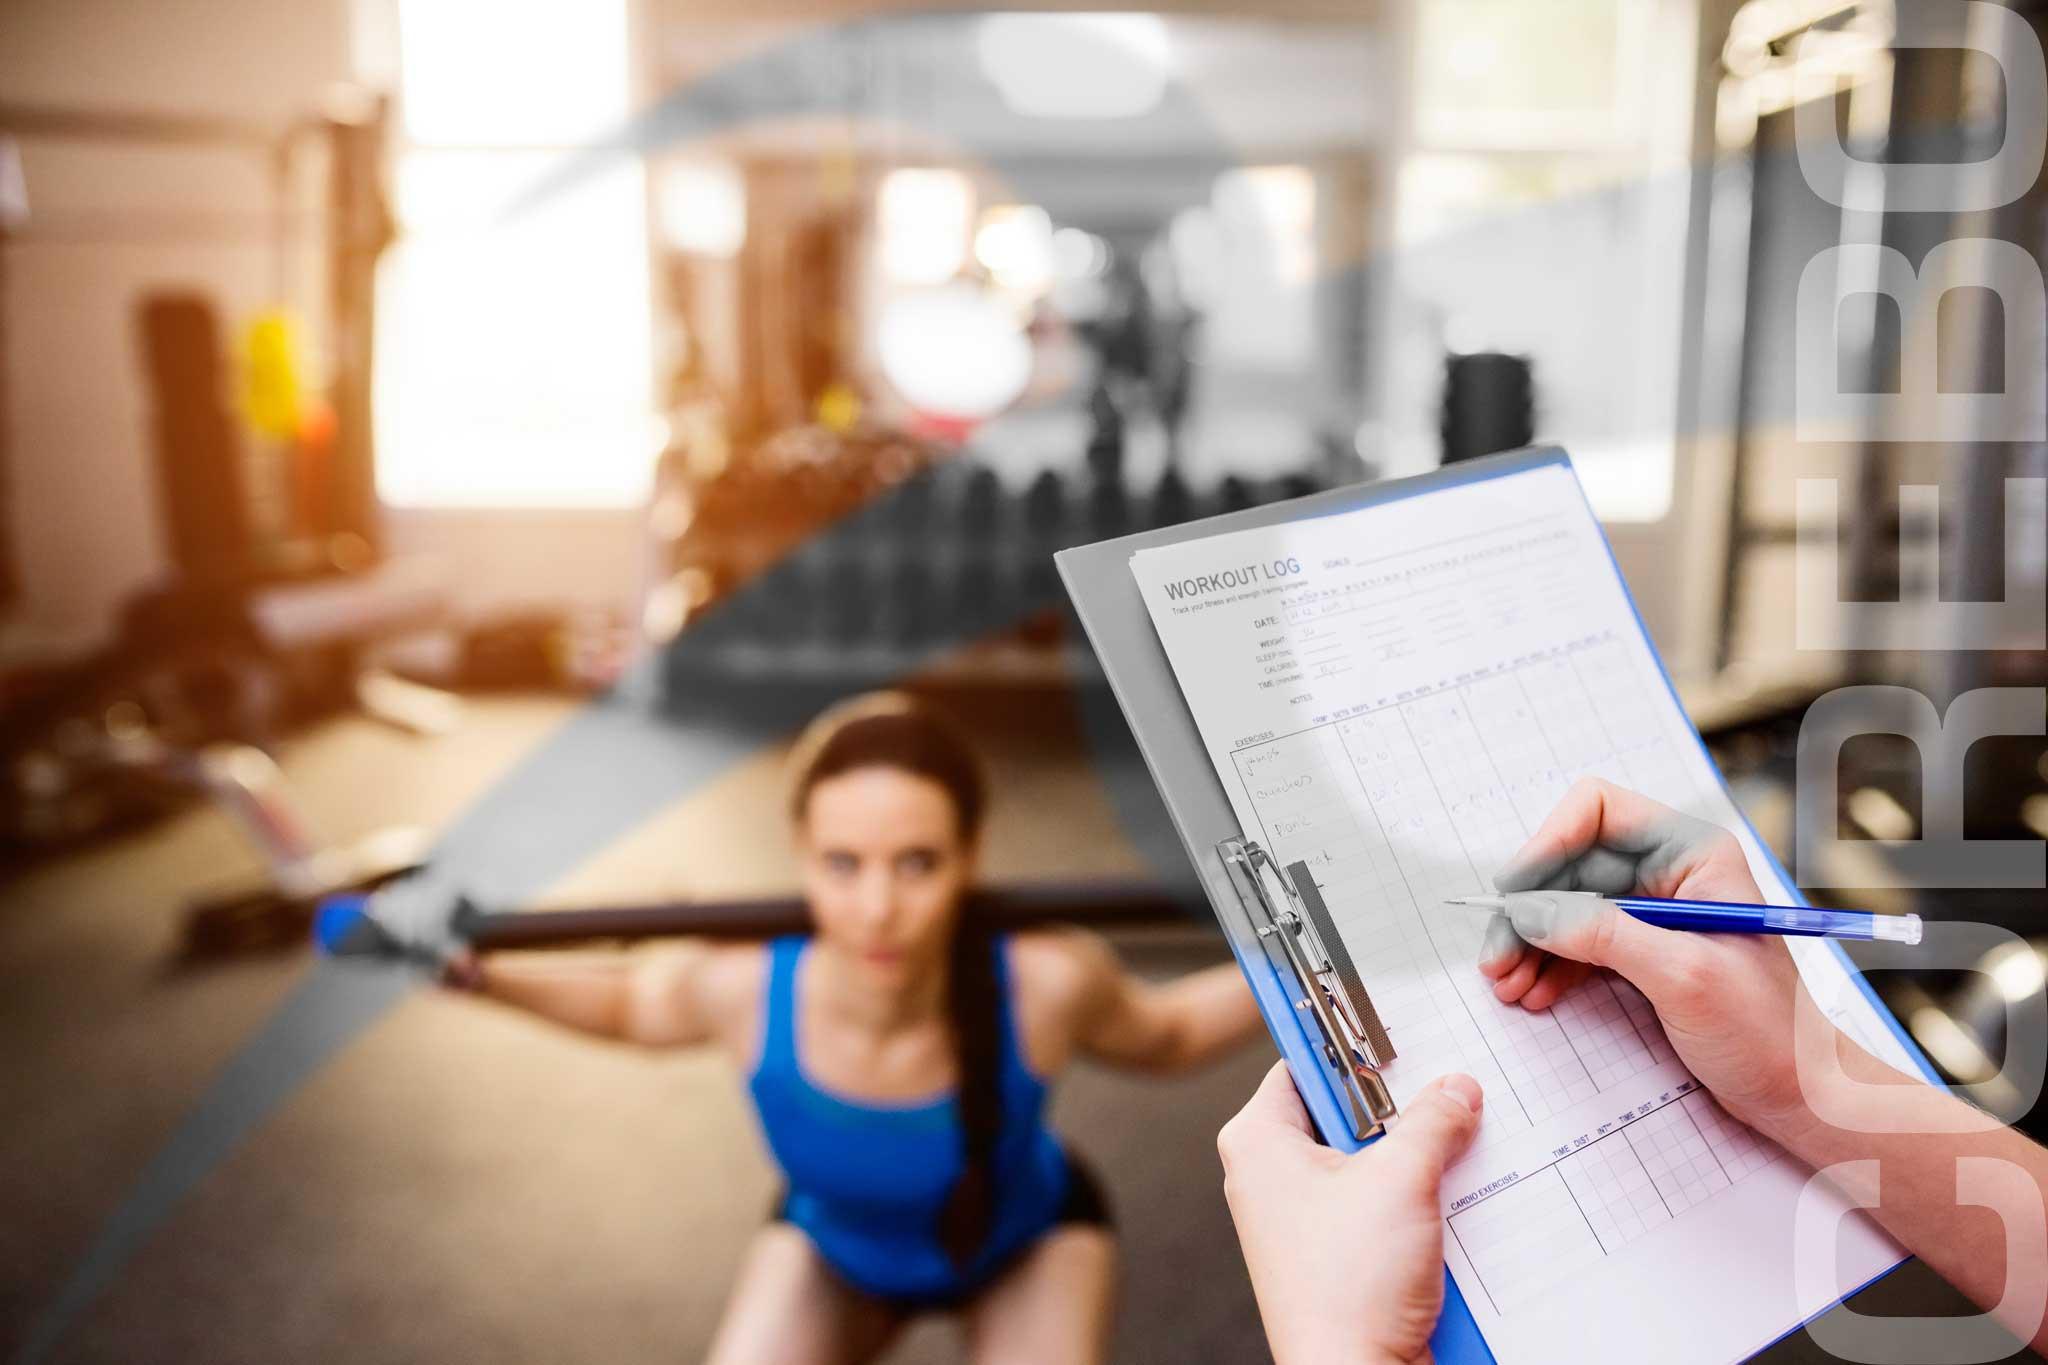 Come fare scheda di allenamento Massa Muscolare?